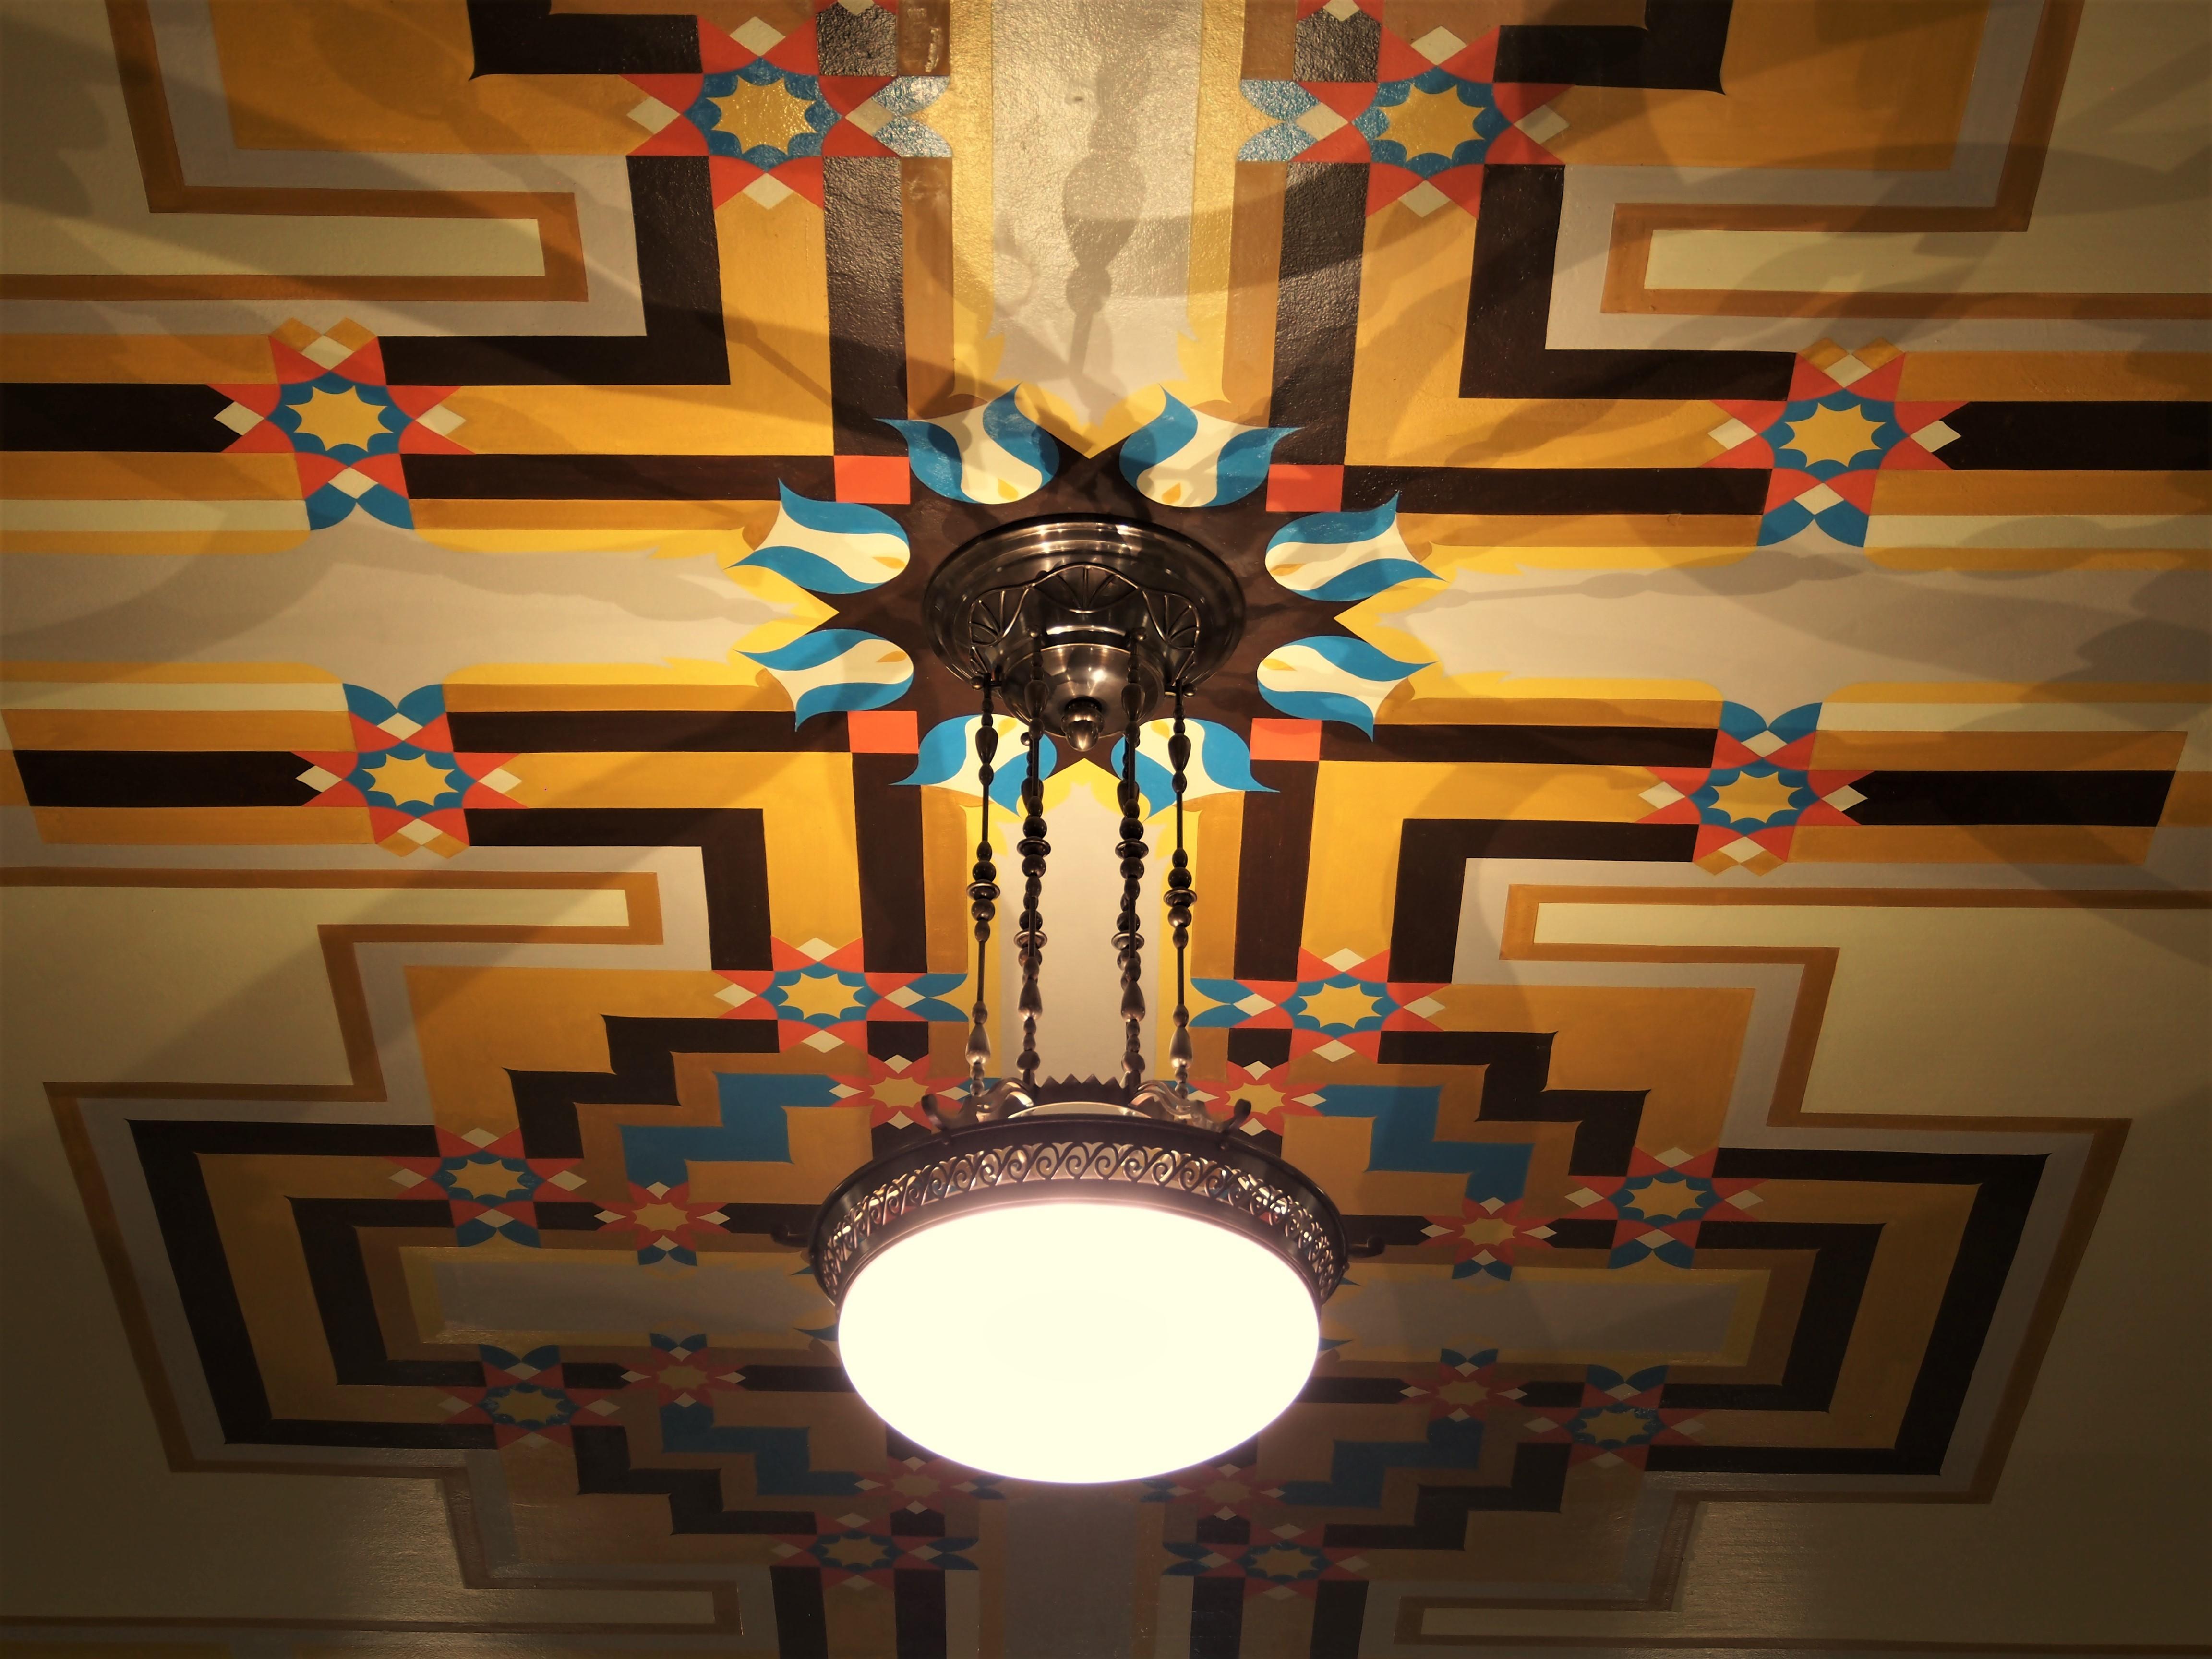 Plafoniere Per Van : File:de bazel foto22 art deco met plafoniere.jpg wikimedia commons